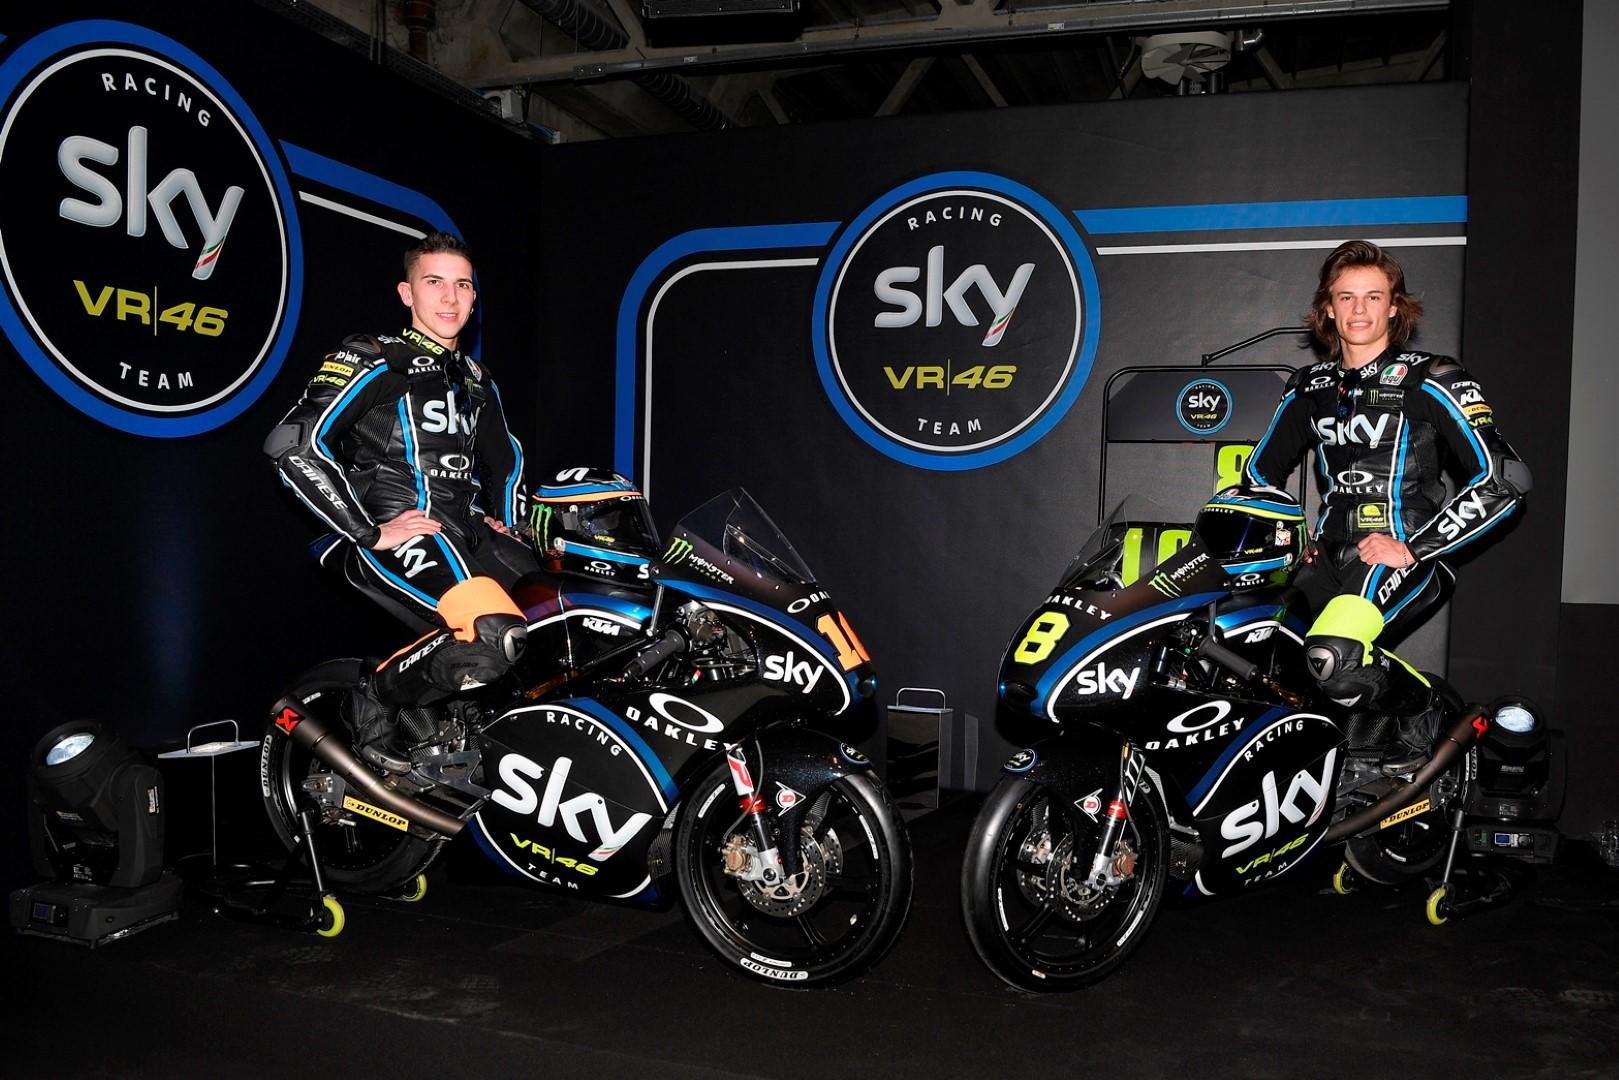 Presentado el Sky Racing Team VR46 para Moto2 y Moto3